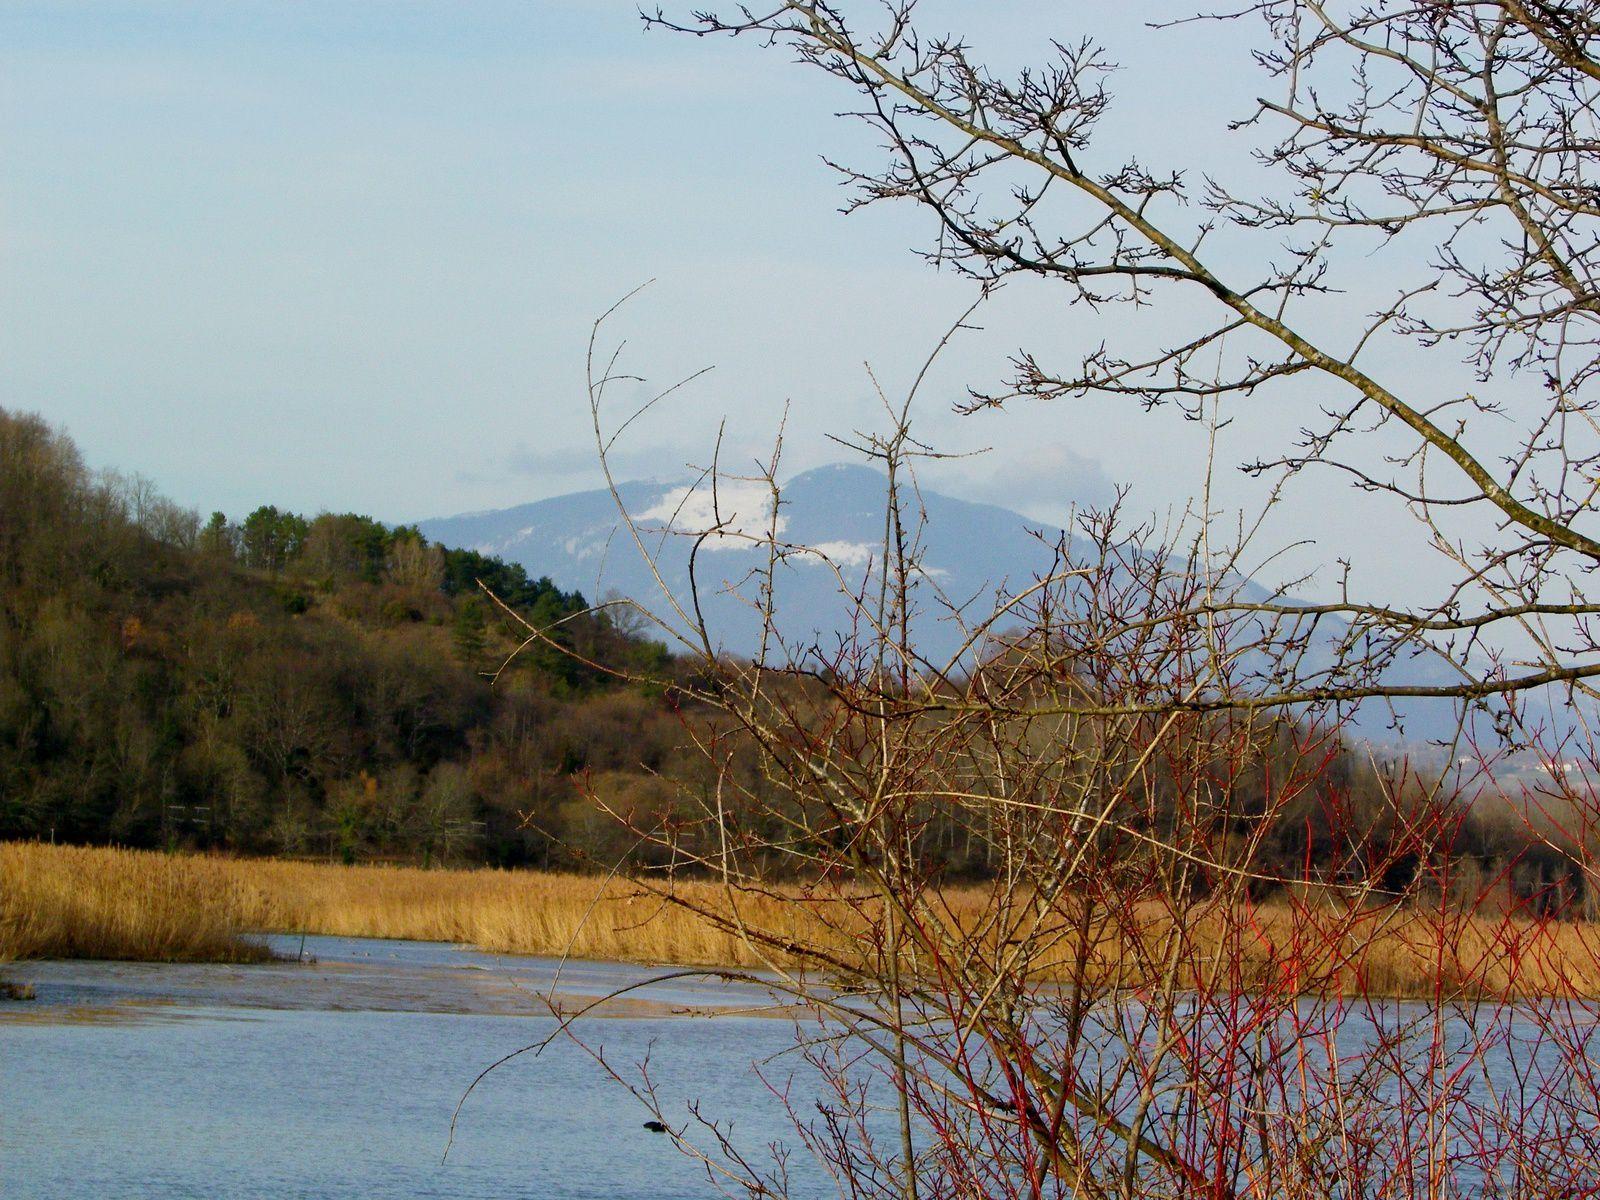 roselière, bourbier, au loin: le Grand Crêt d'Eau